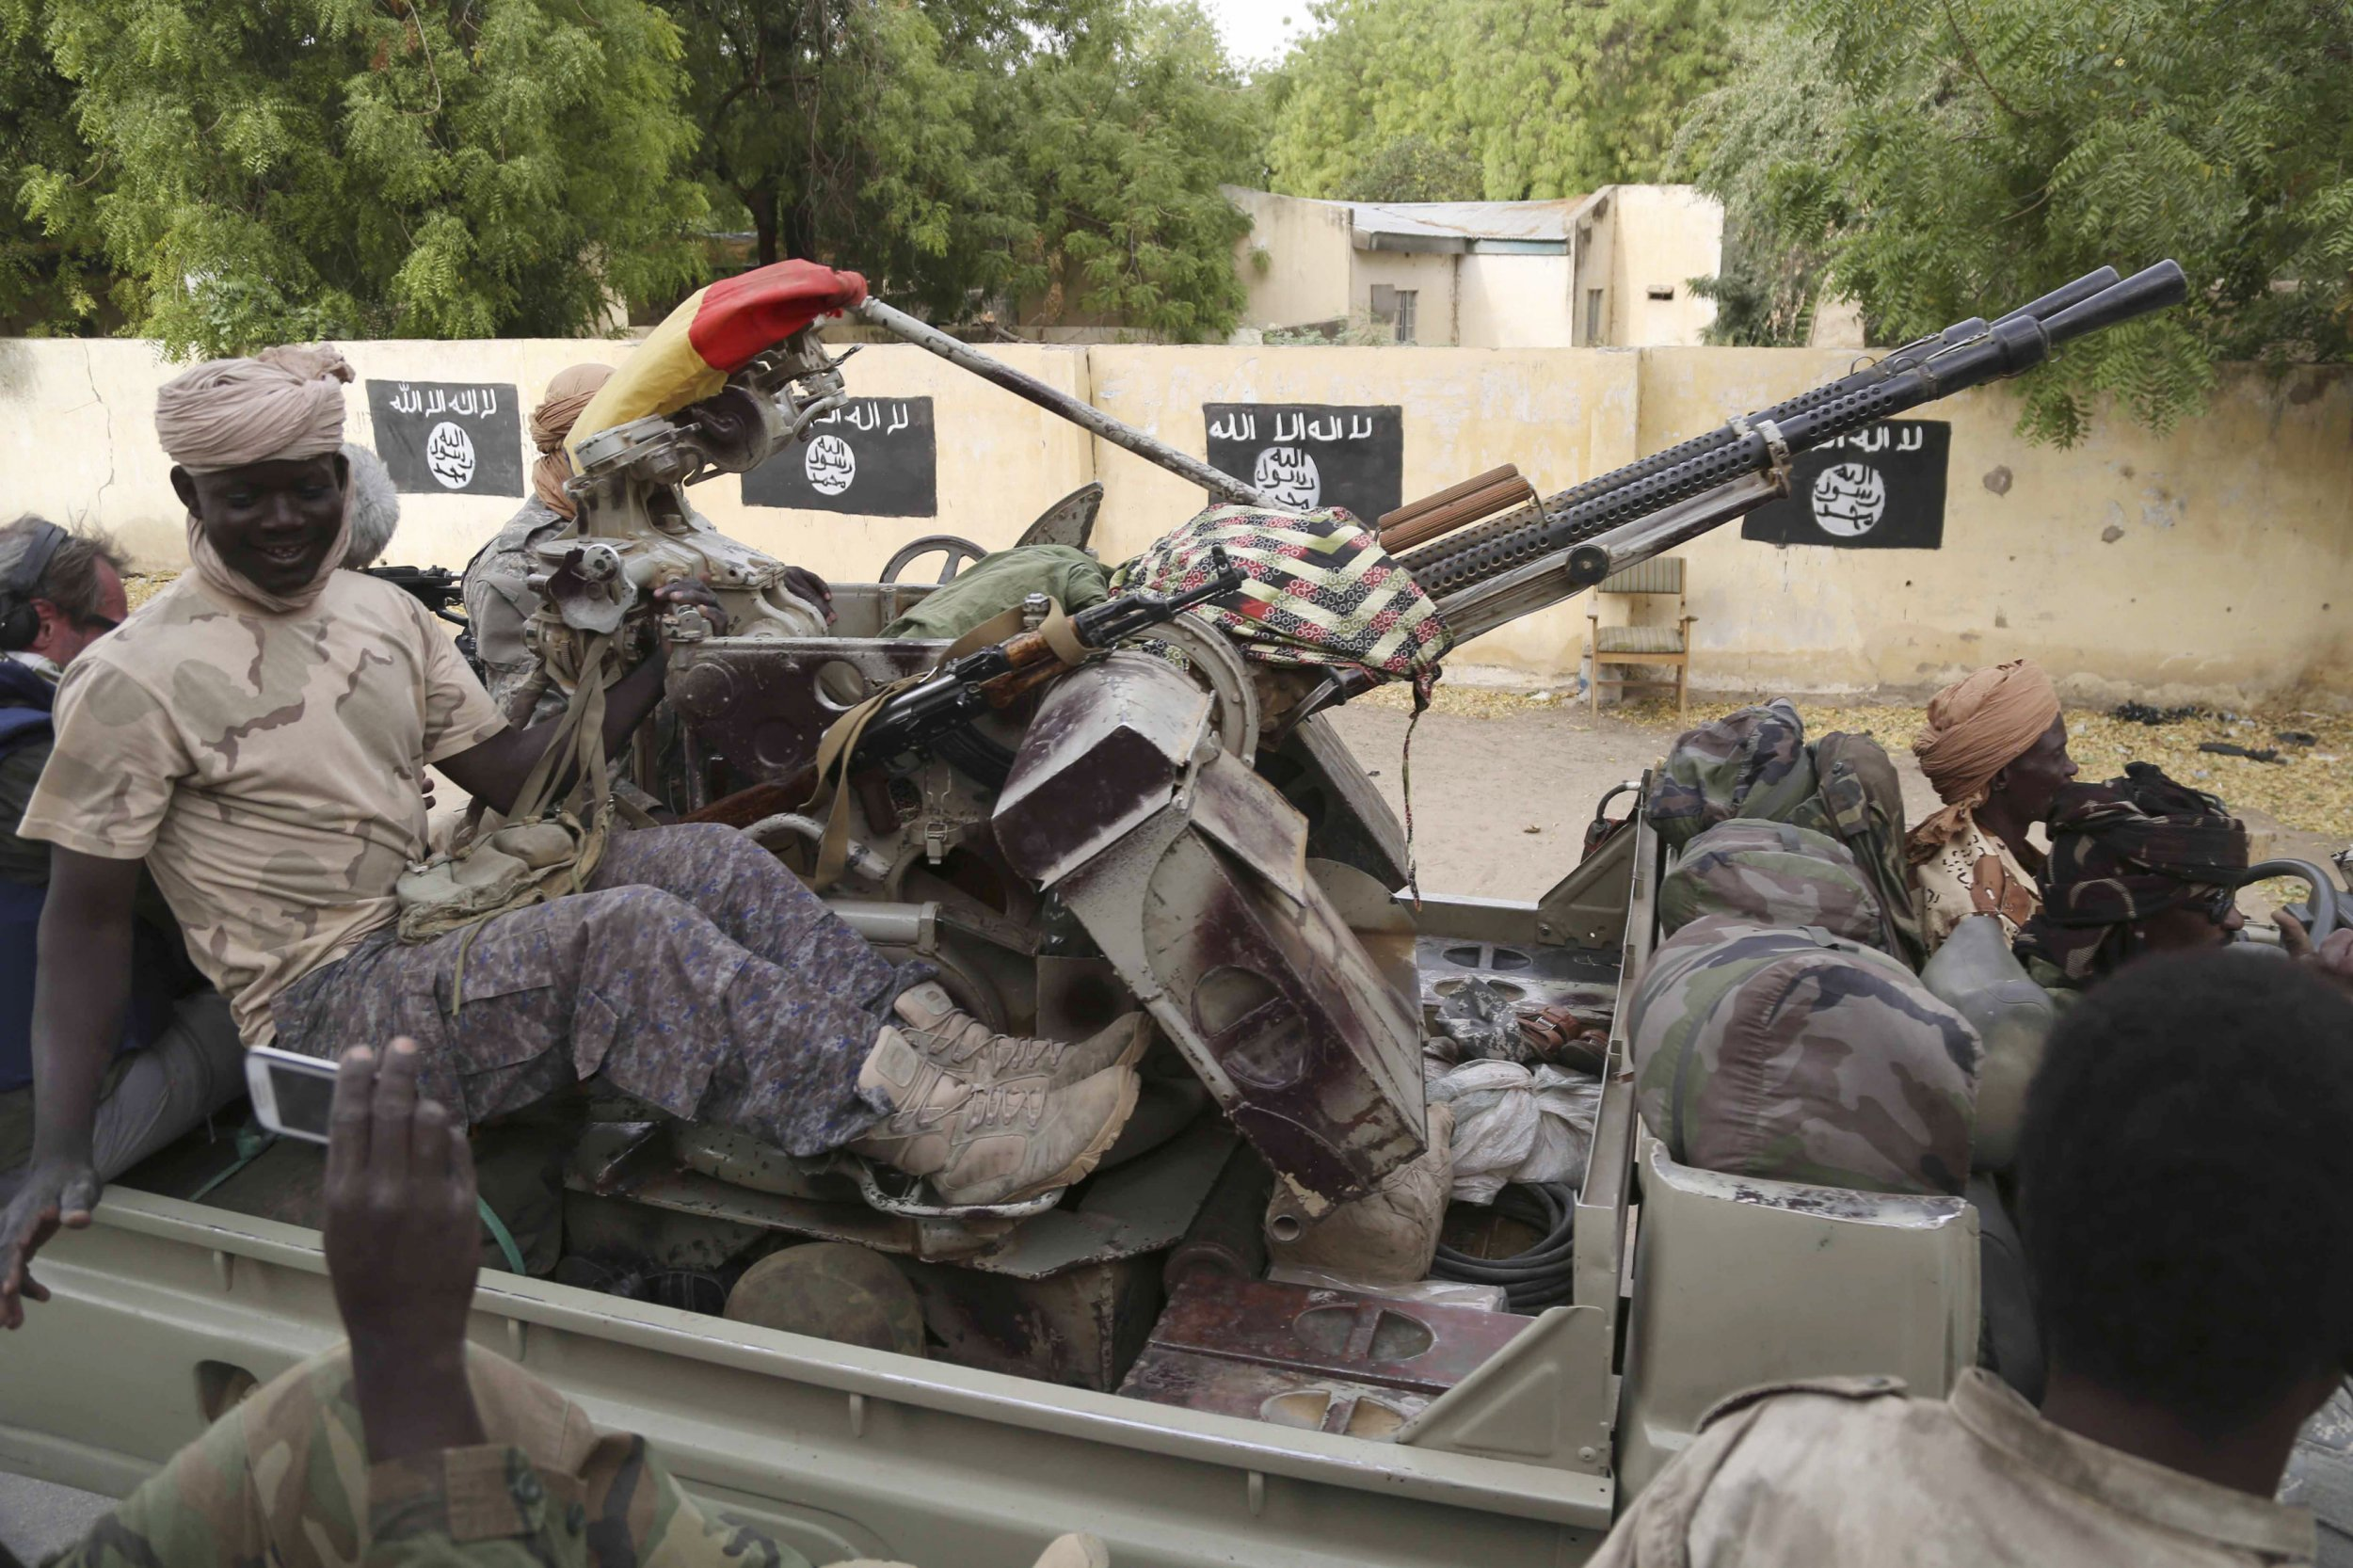 Talk:Boko Haram/Archive 1